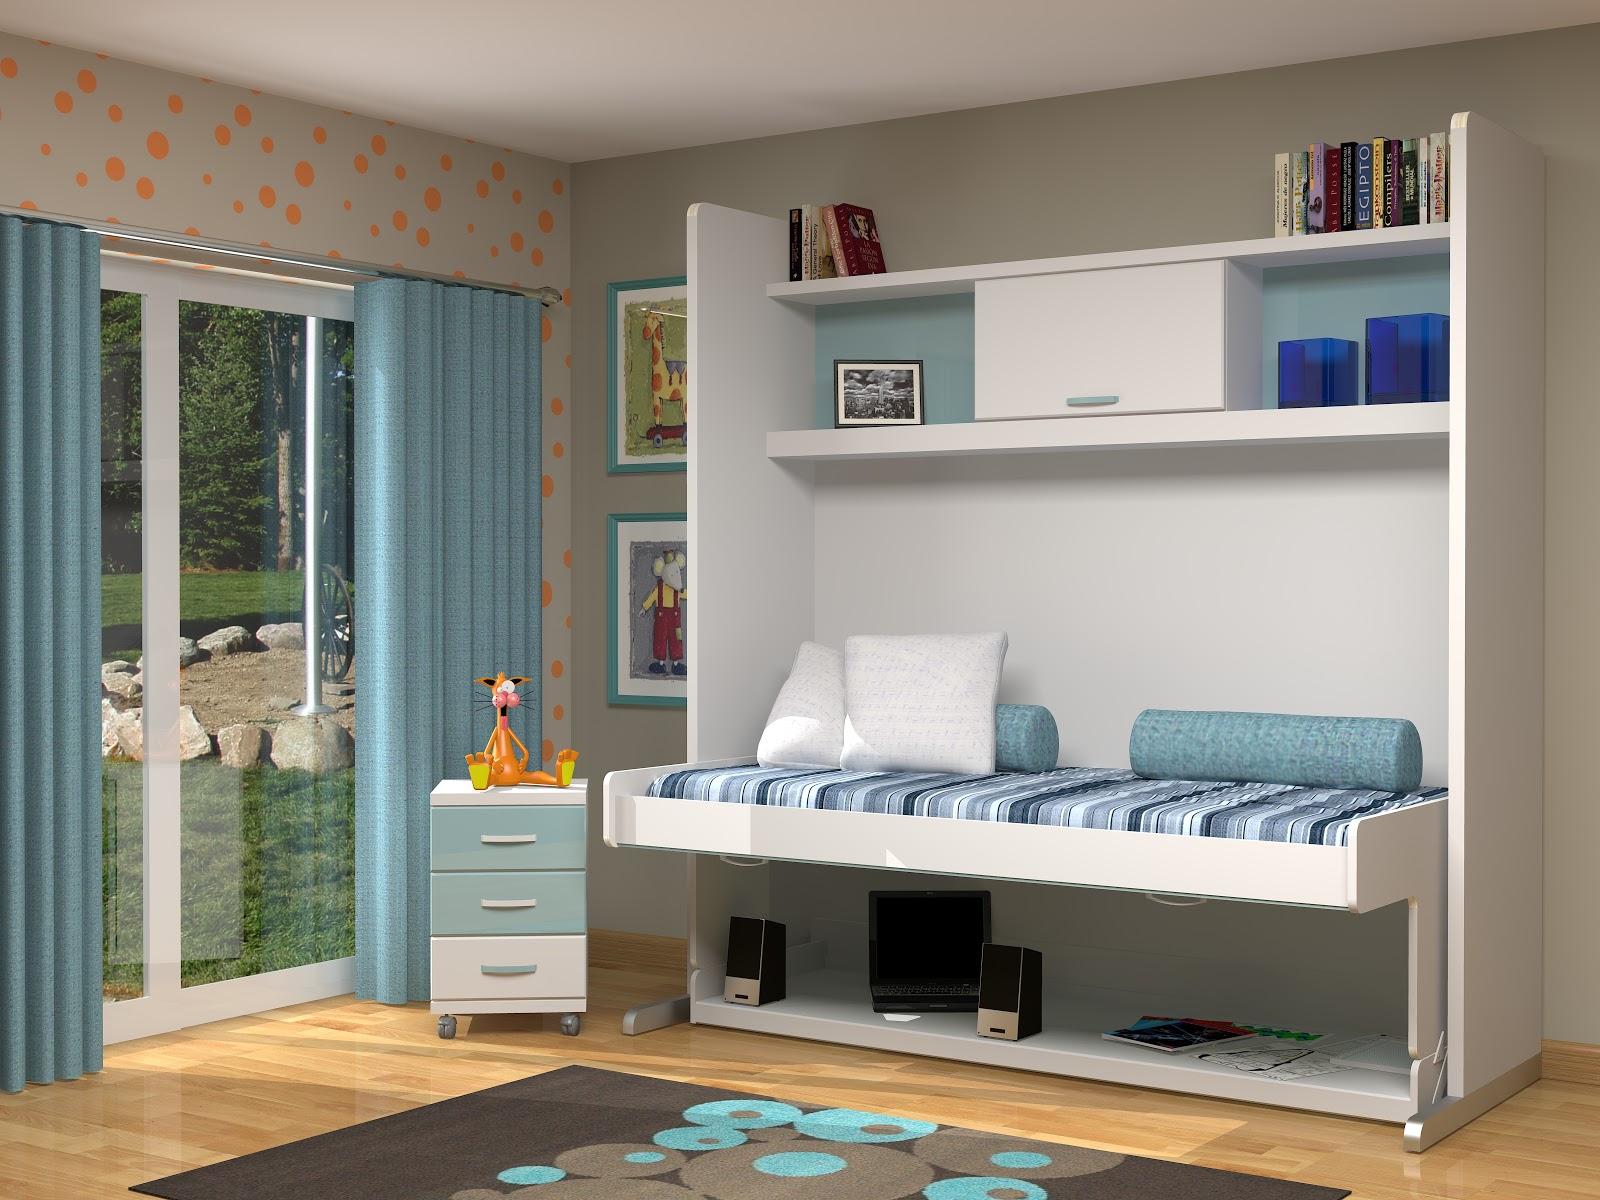 Muebles juveniles dormitorios infantiles y habitaciones for Literas abatibles ikea